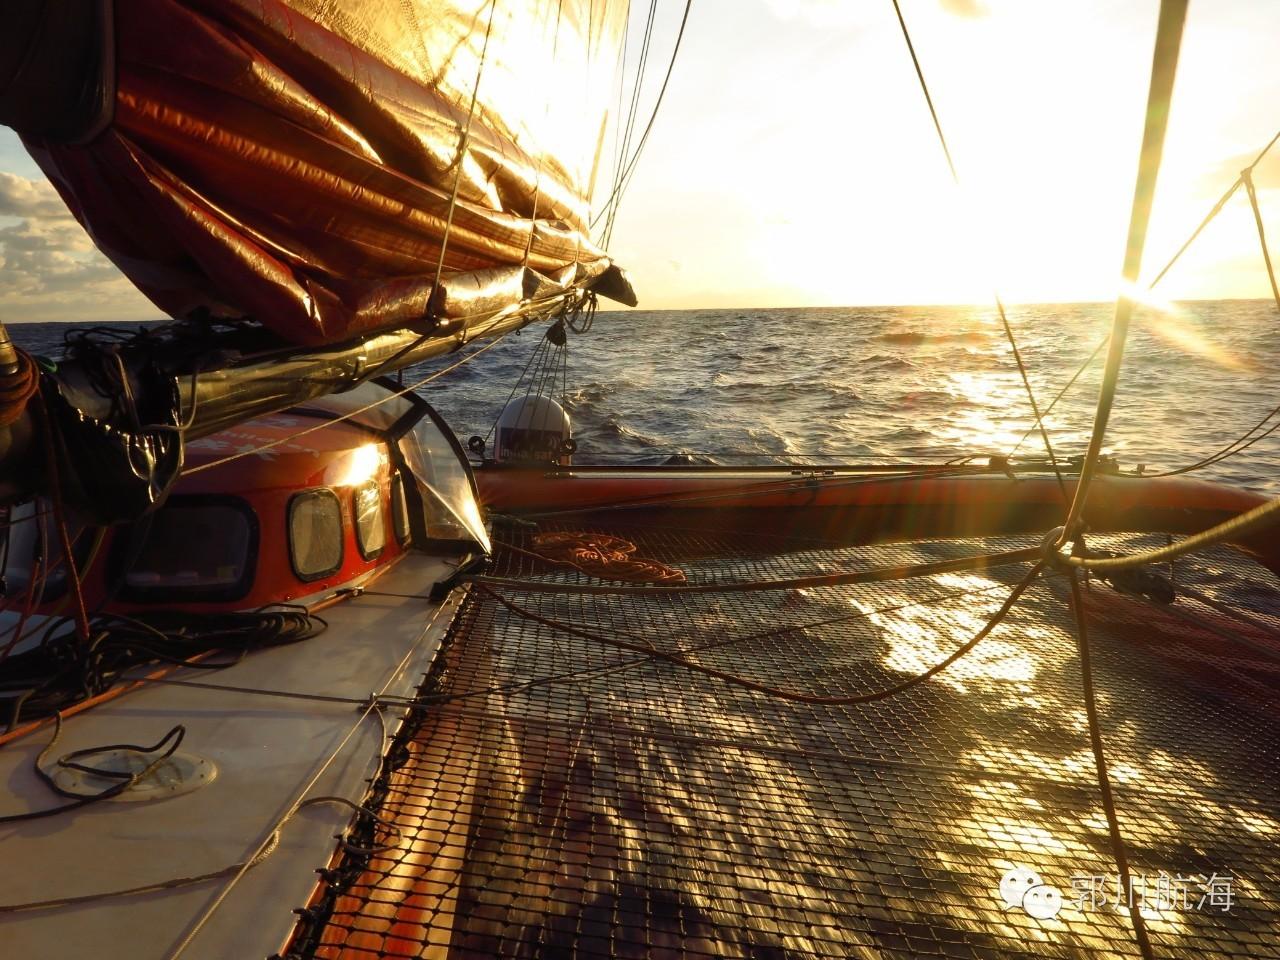 【航海日志·10月24日】还好没撞到鲸鱼 4c0c36c1d69011d983a72074c970d167.jpg